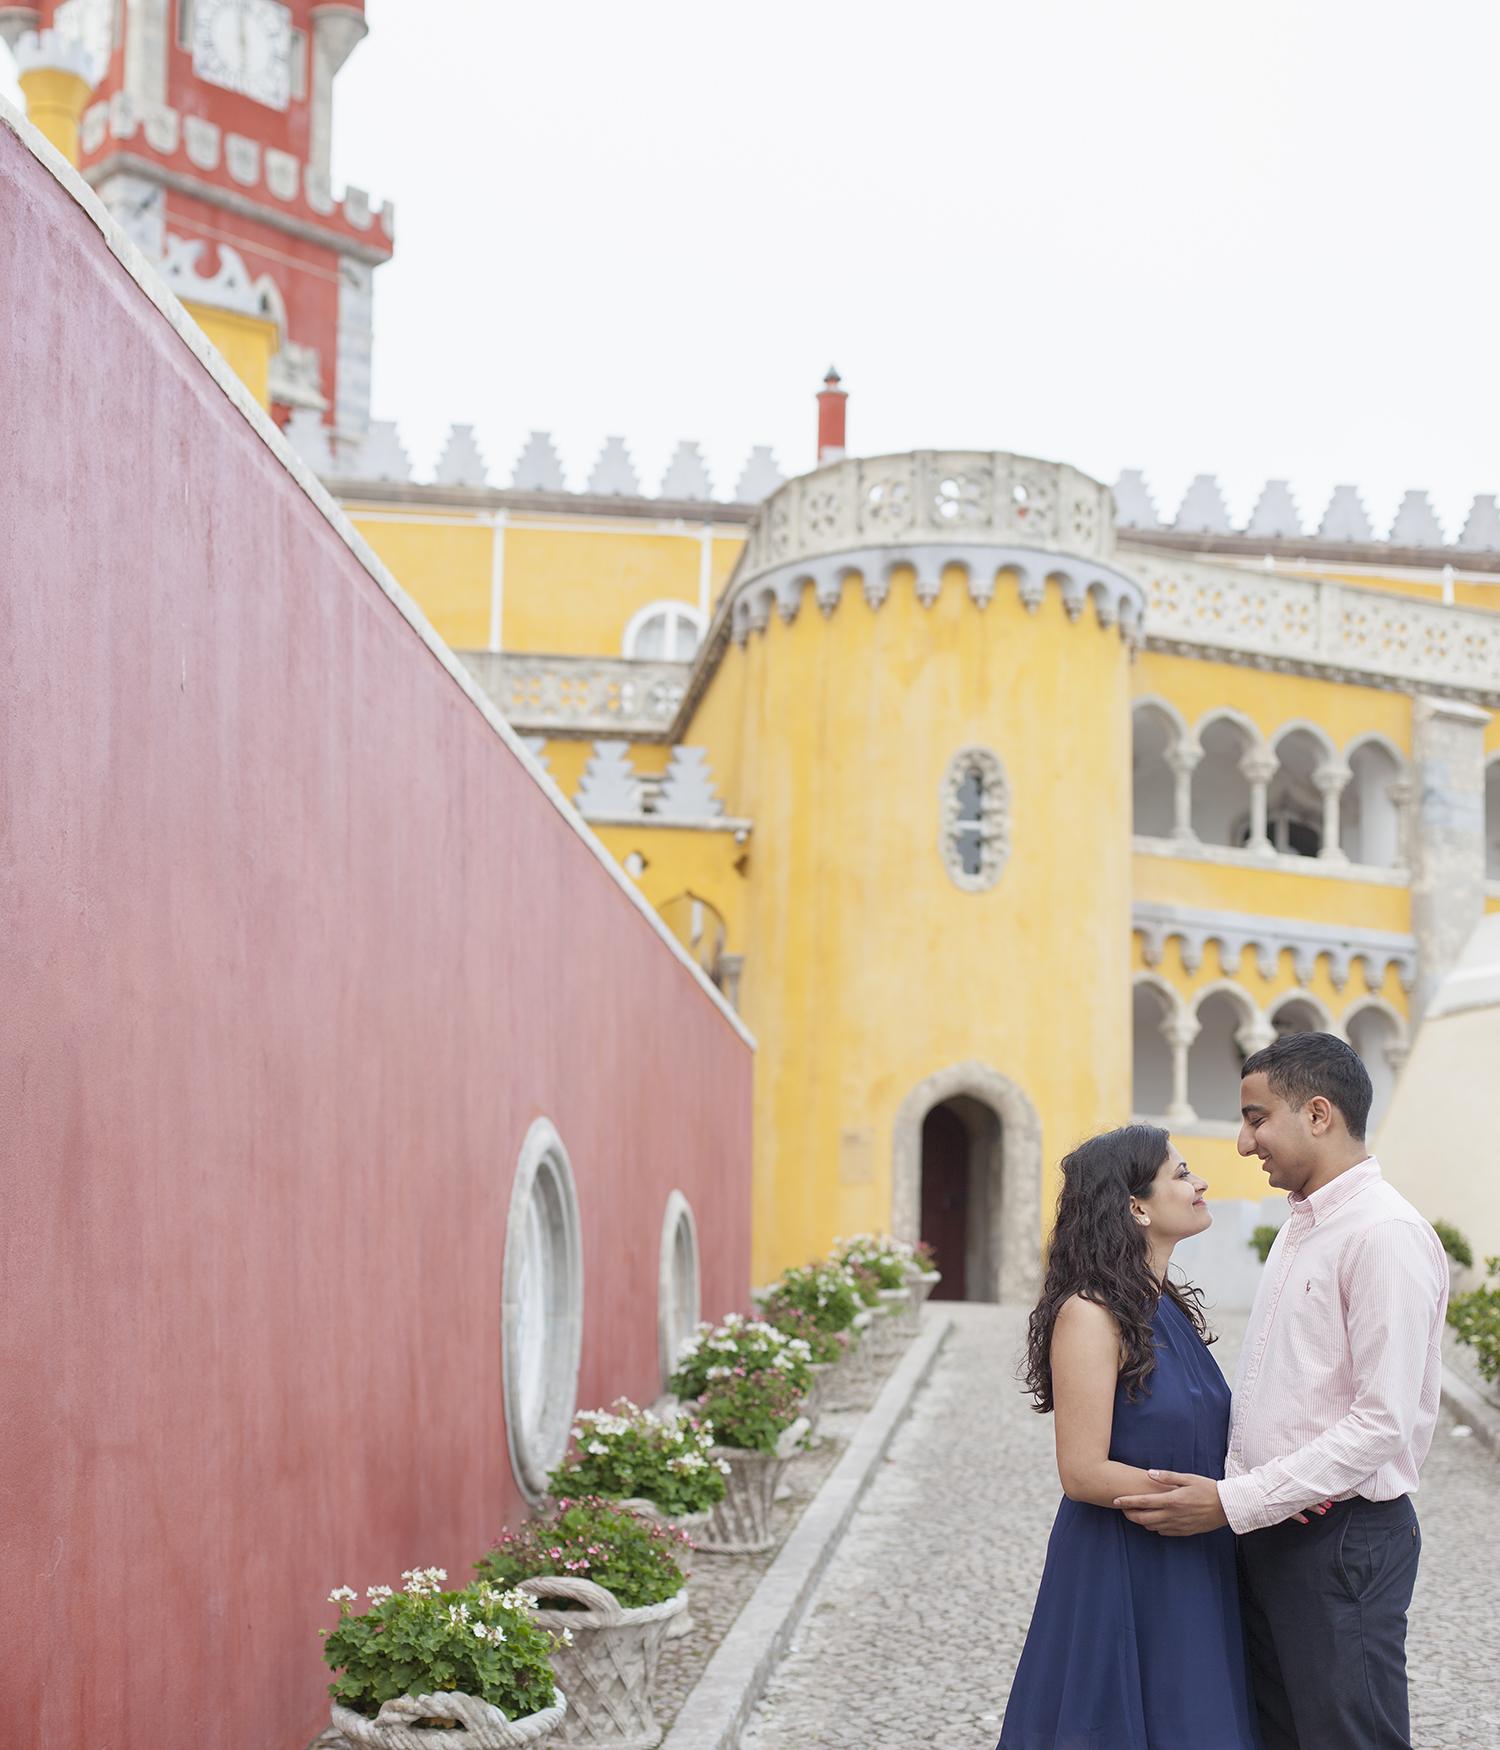 sessao-fotografica-pedido-casamento-palacio-pena-sintra-flytographer-terra-fotografia-26.jpg